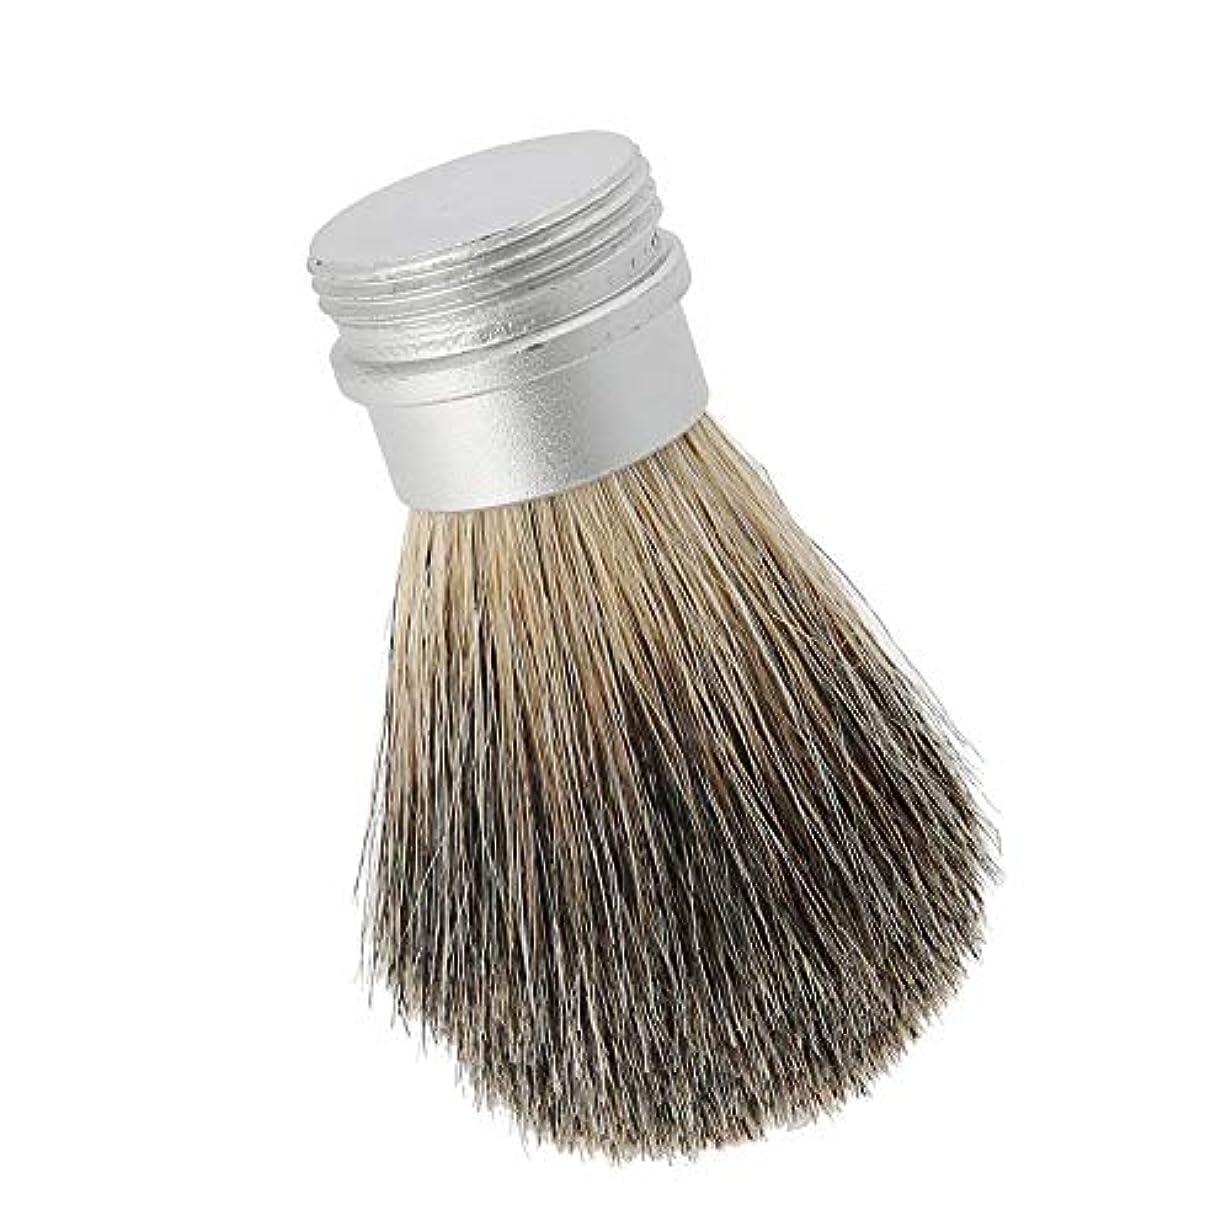 を通して今まで通訳ひげブラシひげ剃りツールポータブルひげブラシ男性のための最高のヘアブラシ口ひげブラシ